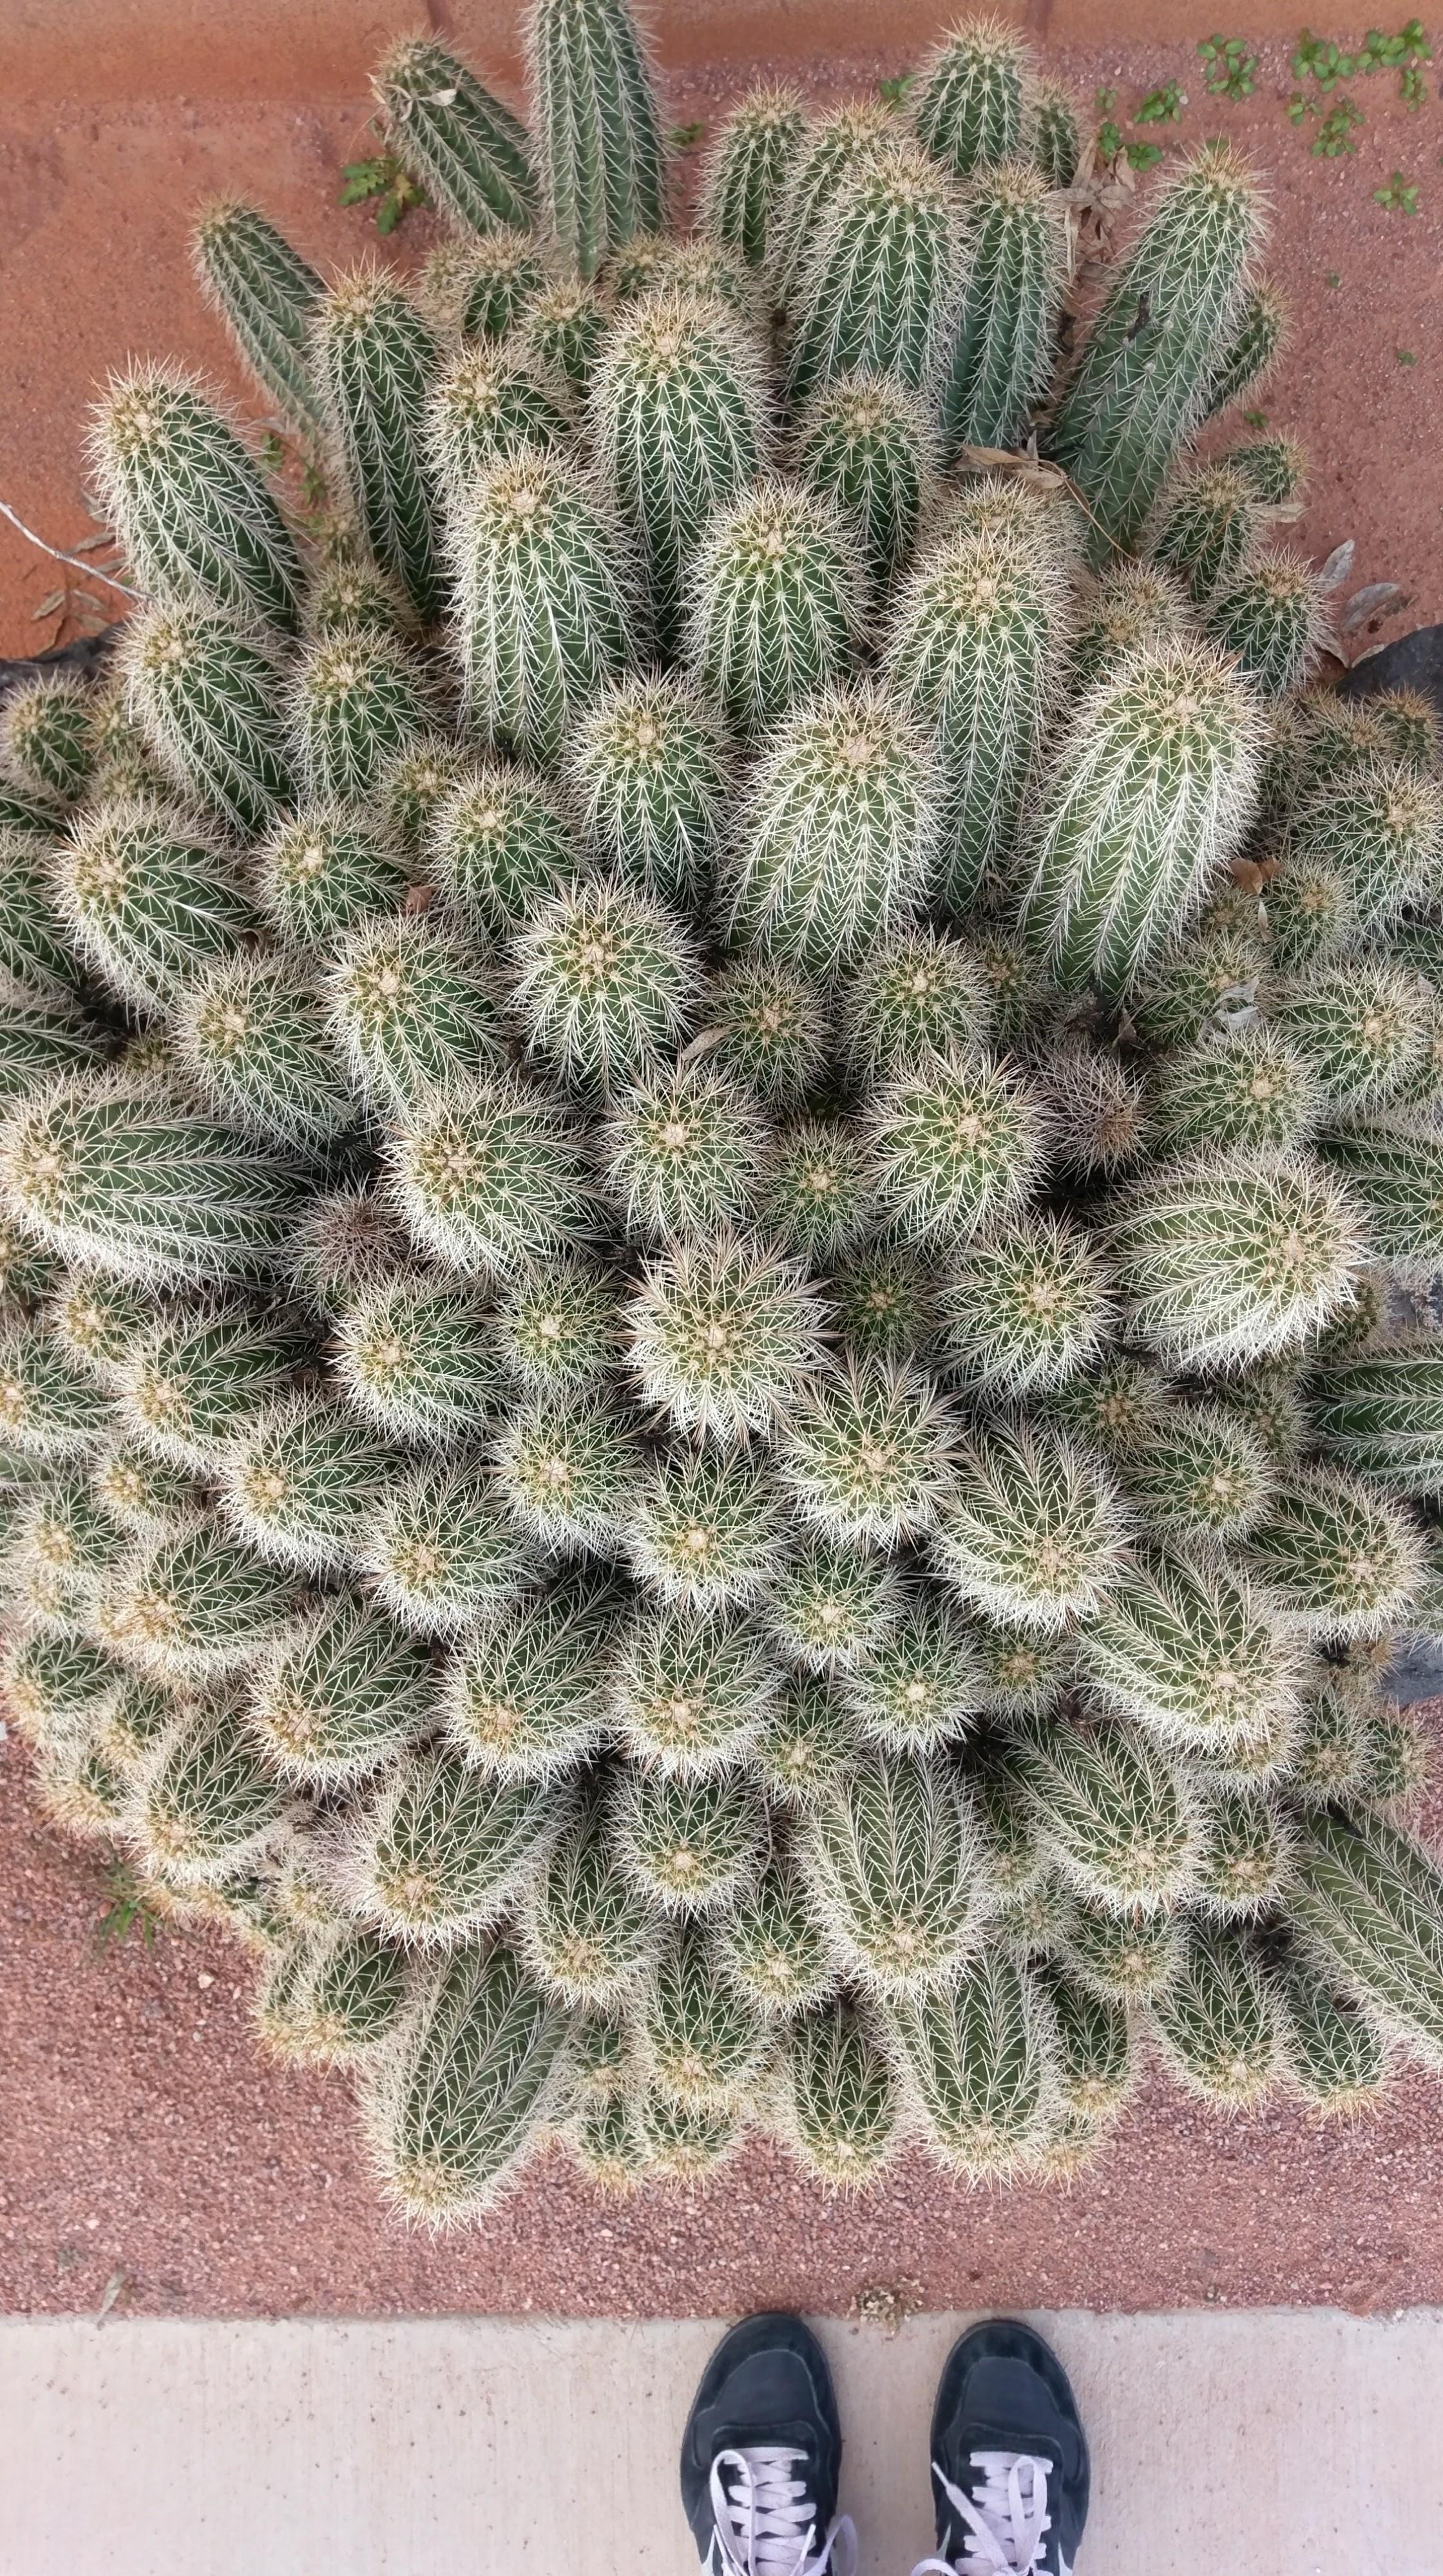 Cactus photo because I love cactus